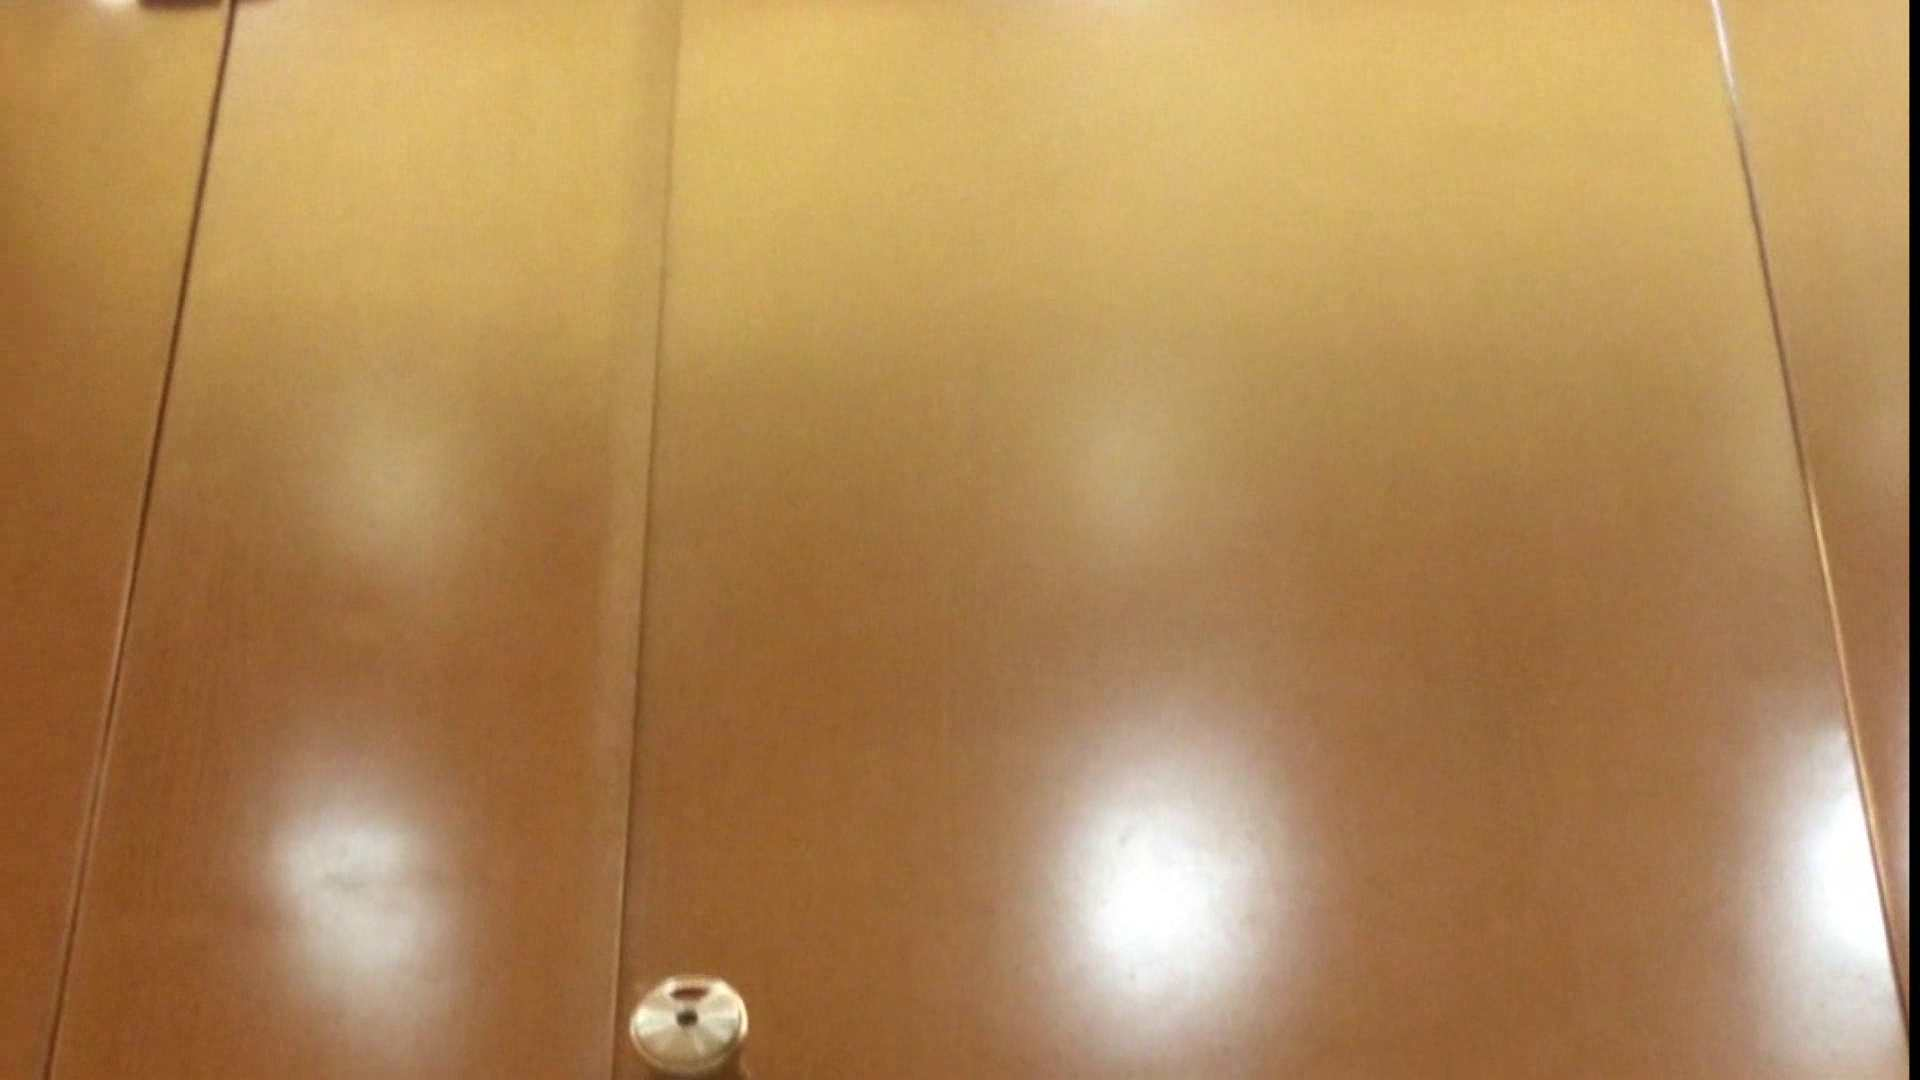 「噂」の国の厠観察日記2 Vol.01 人気シリーズ えろ無修正画像 102pic 8